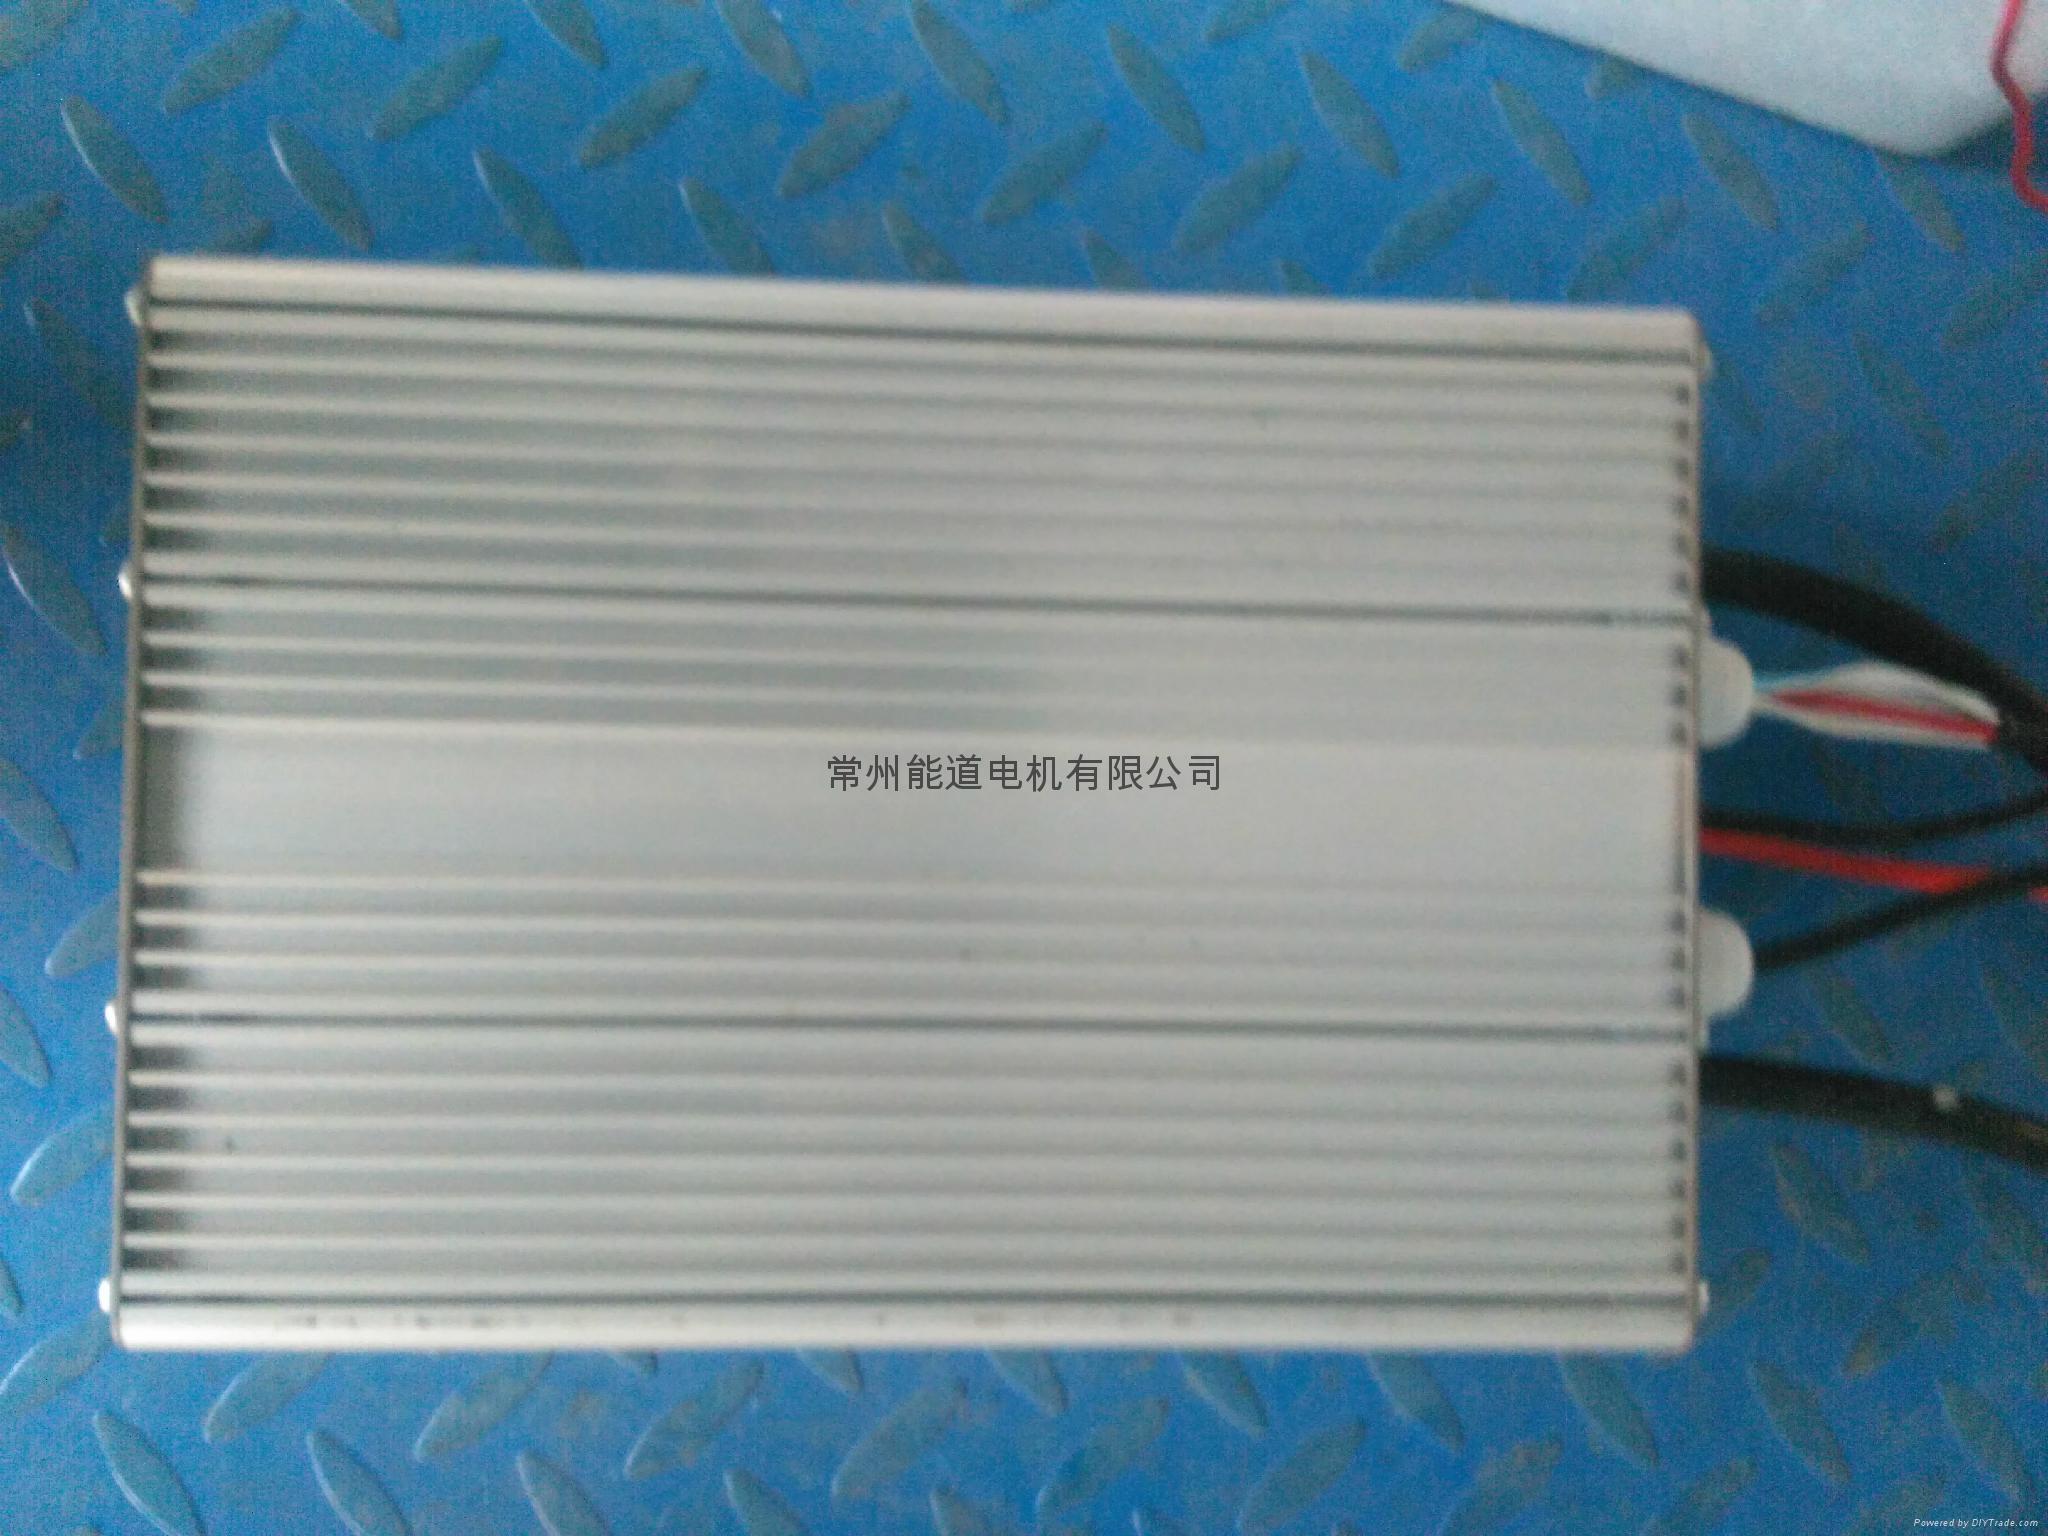 常州能道电机2.5KW开关磁阻控制器 2